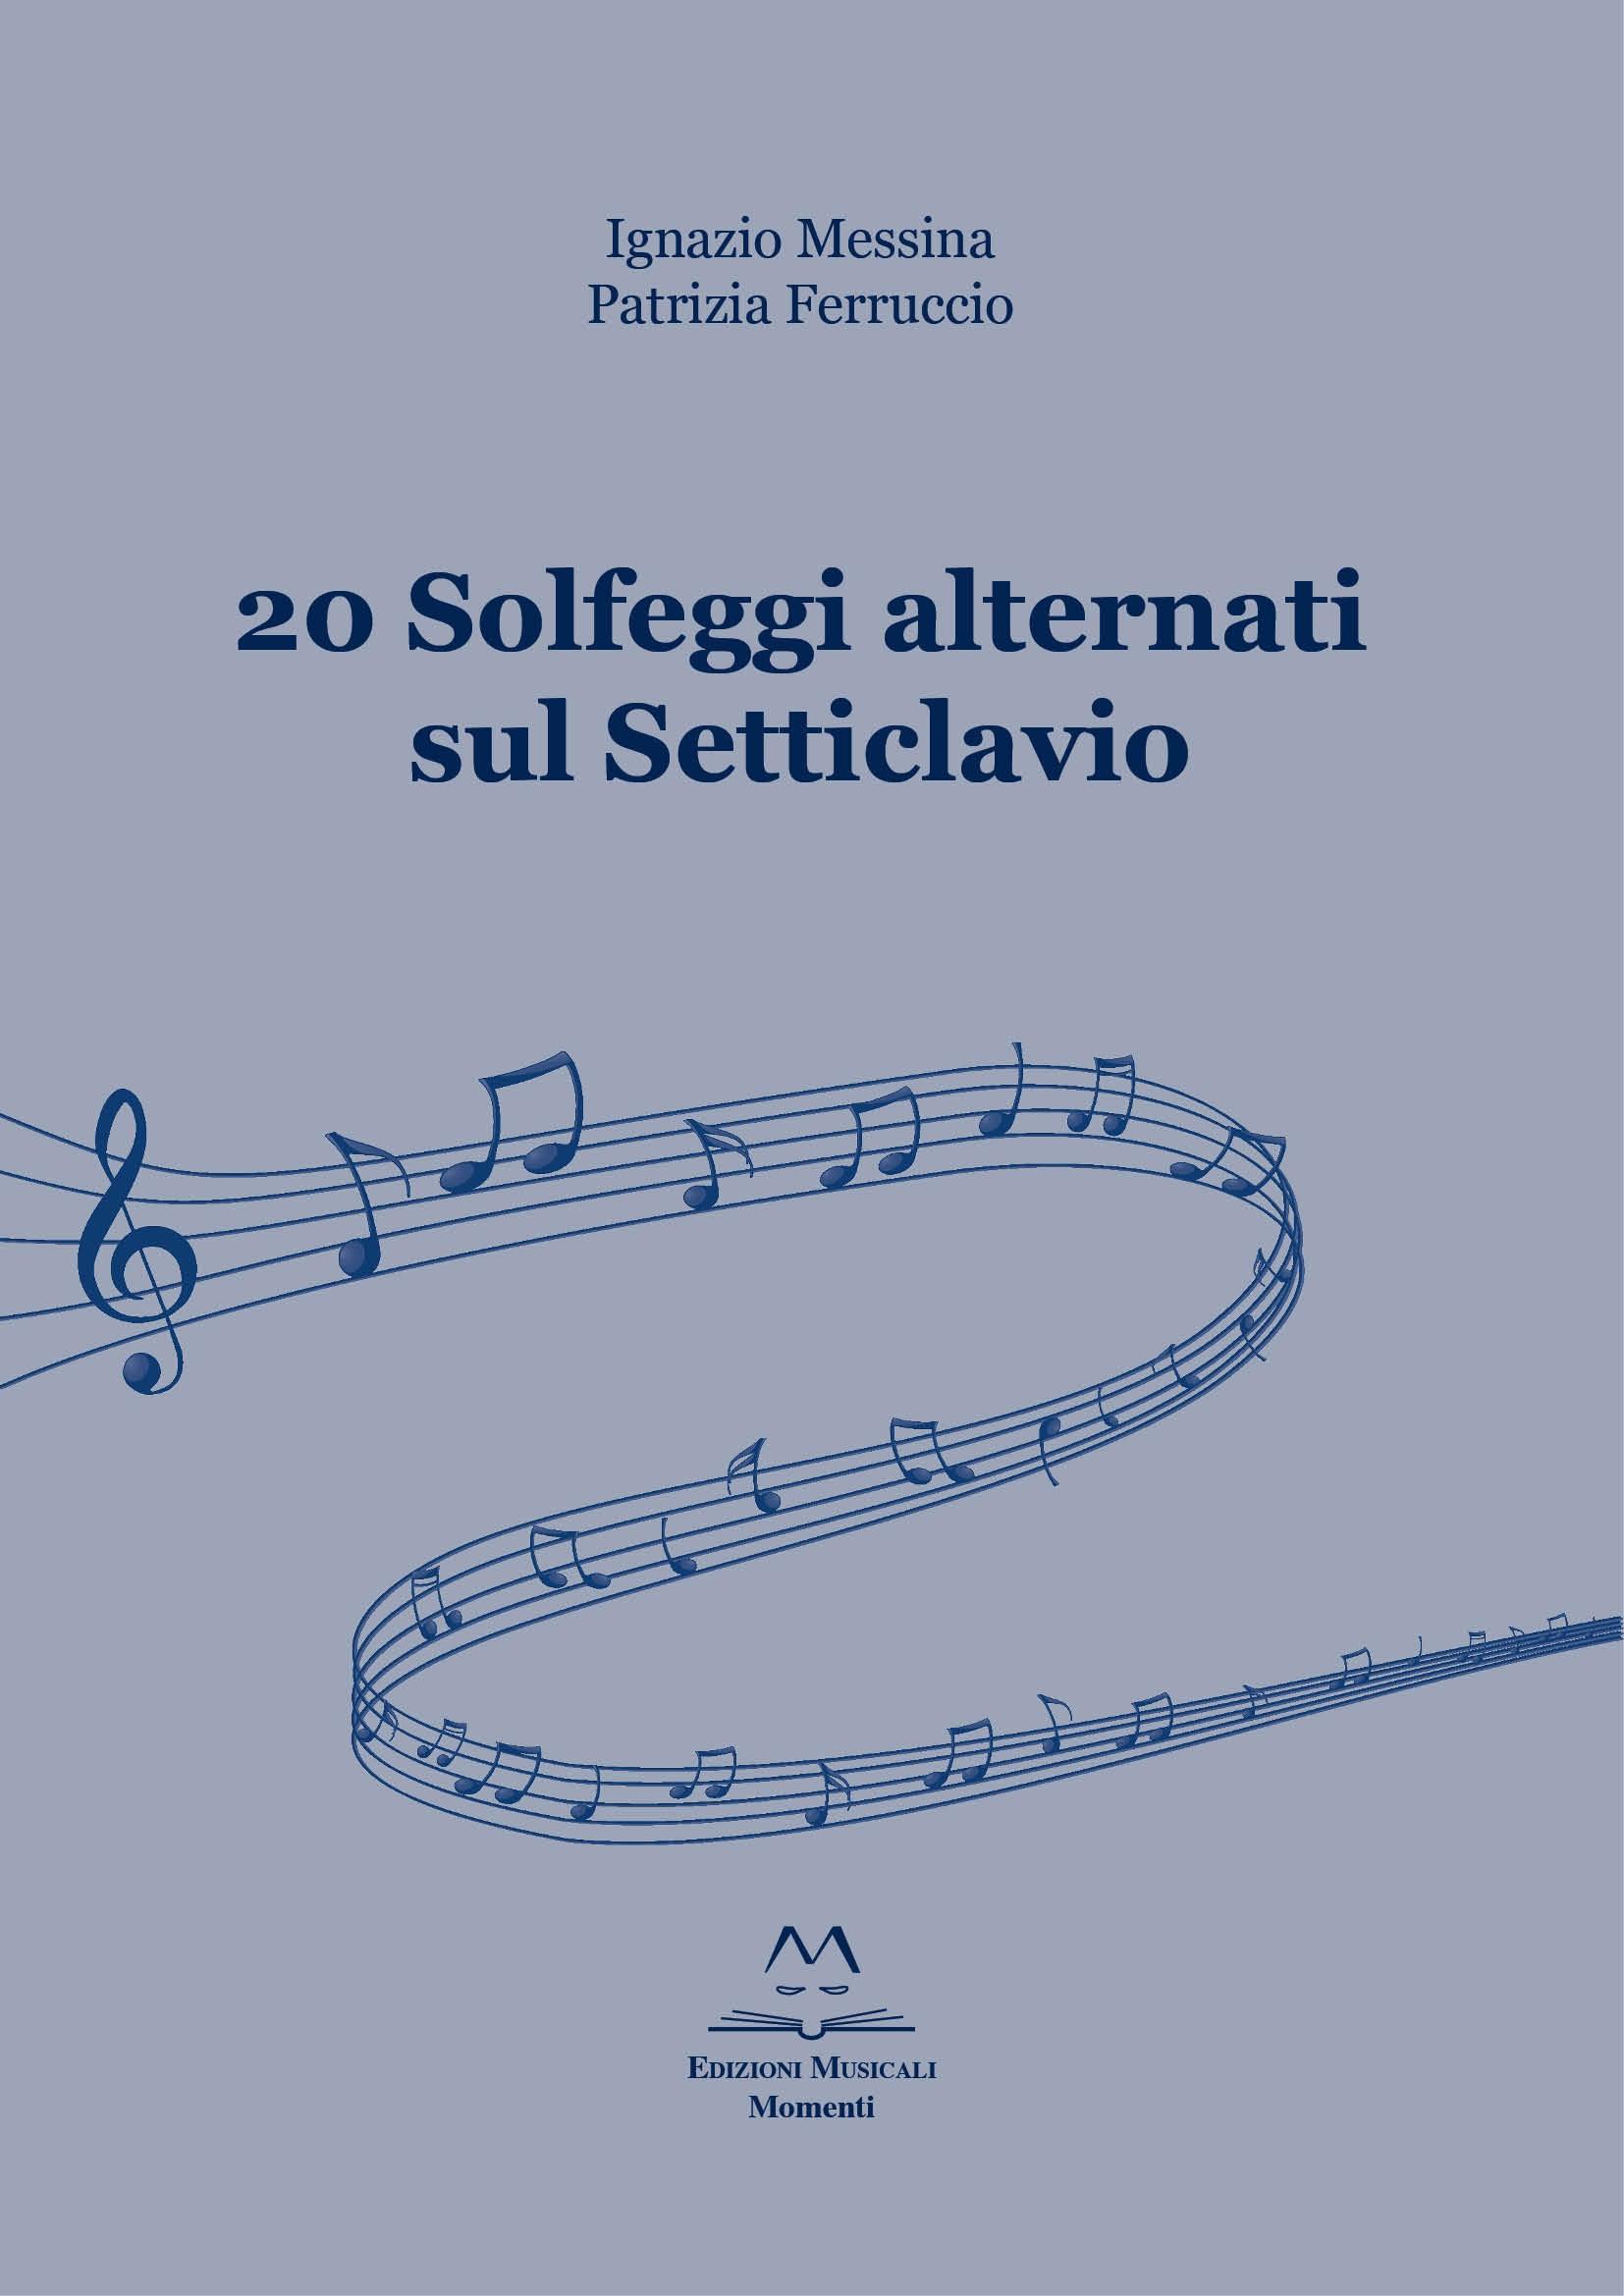 20 Solfeggi alternati sul Setticlavio di I. Messina e P. Ferruccio